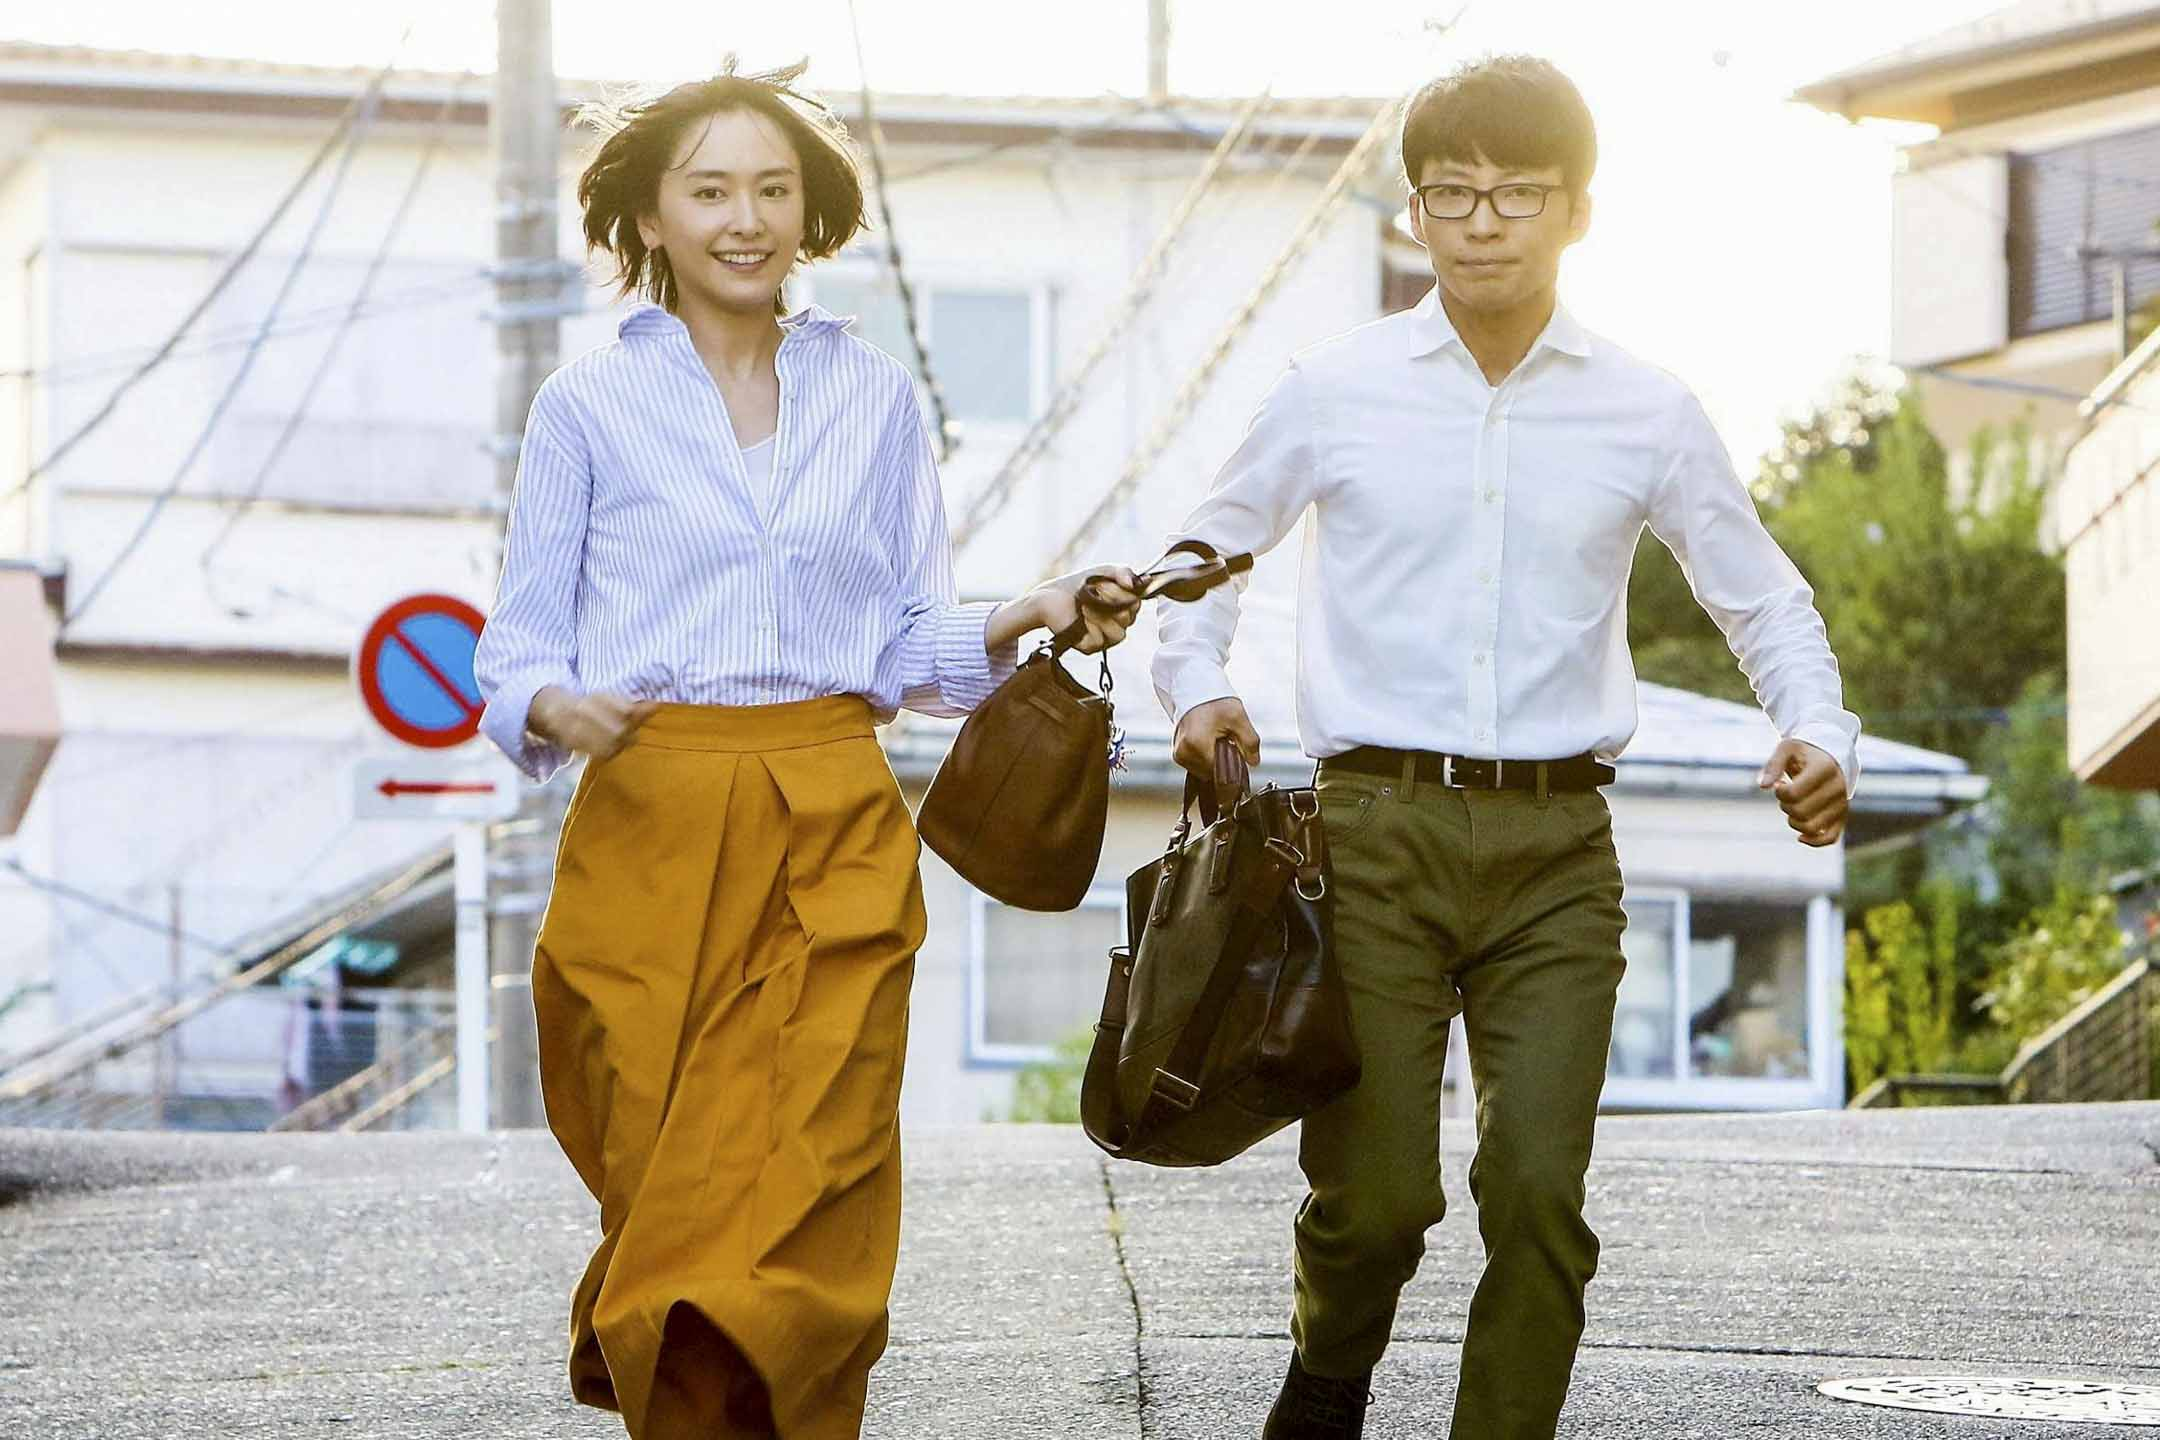 野木亞紀子於2016年編劇的作品《逃避雖可恥但有用》。 網上圖片